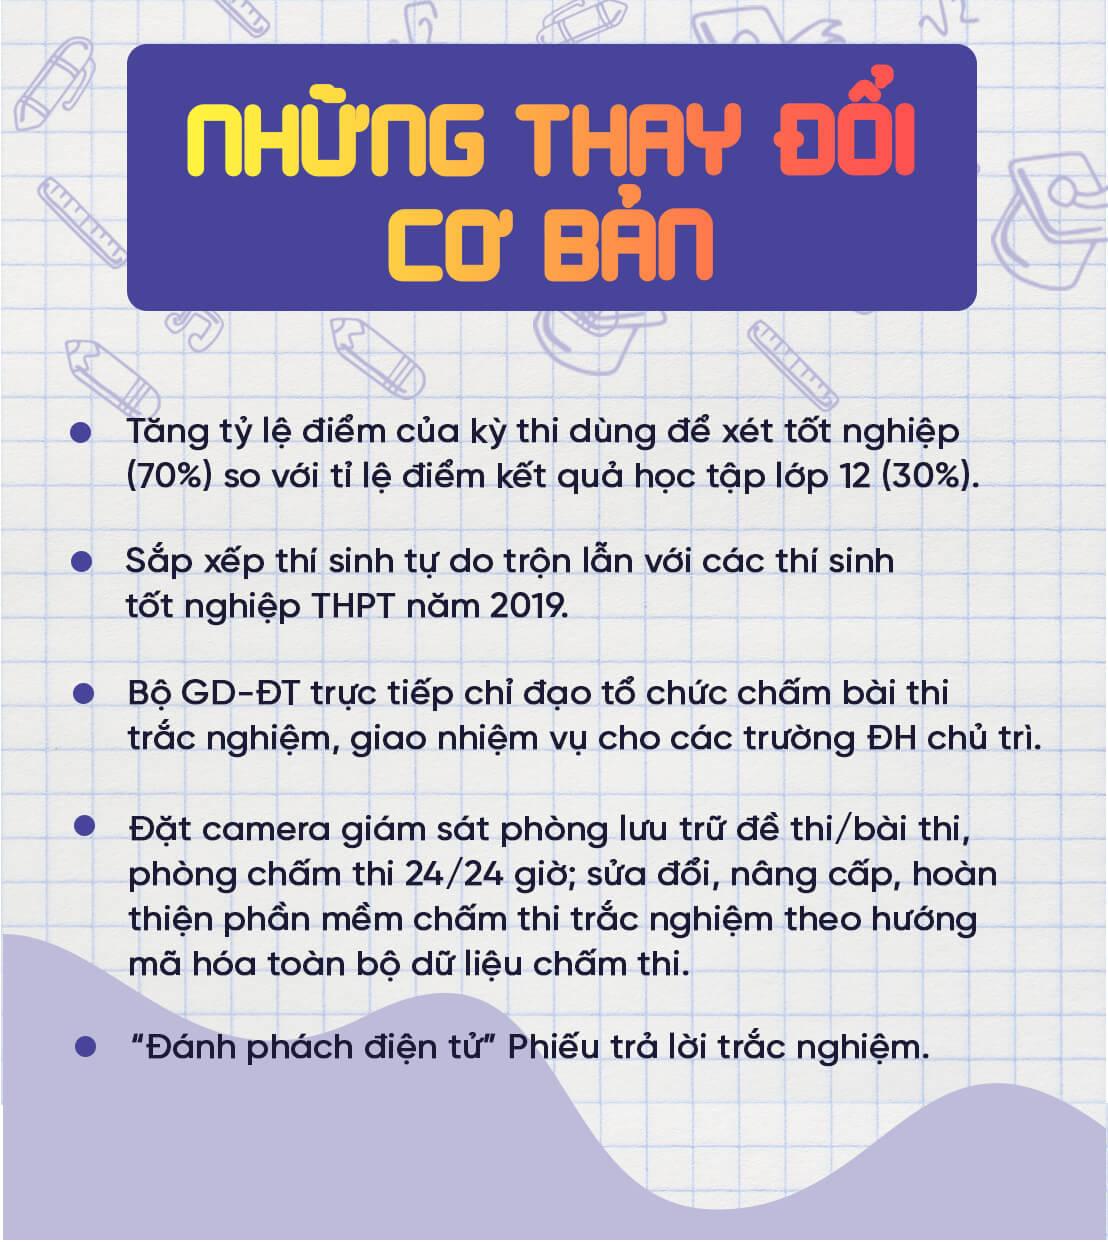 Thi THPT quốc gia,Thi THPT quốc gia 2019